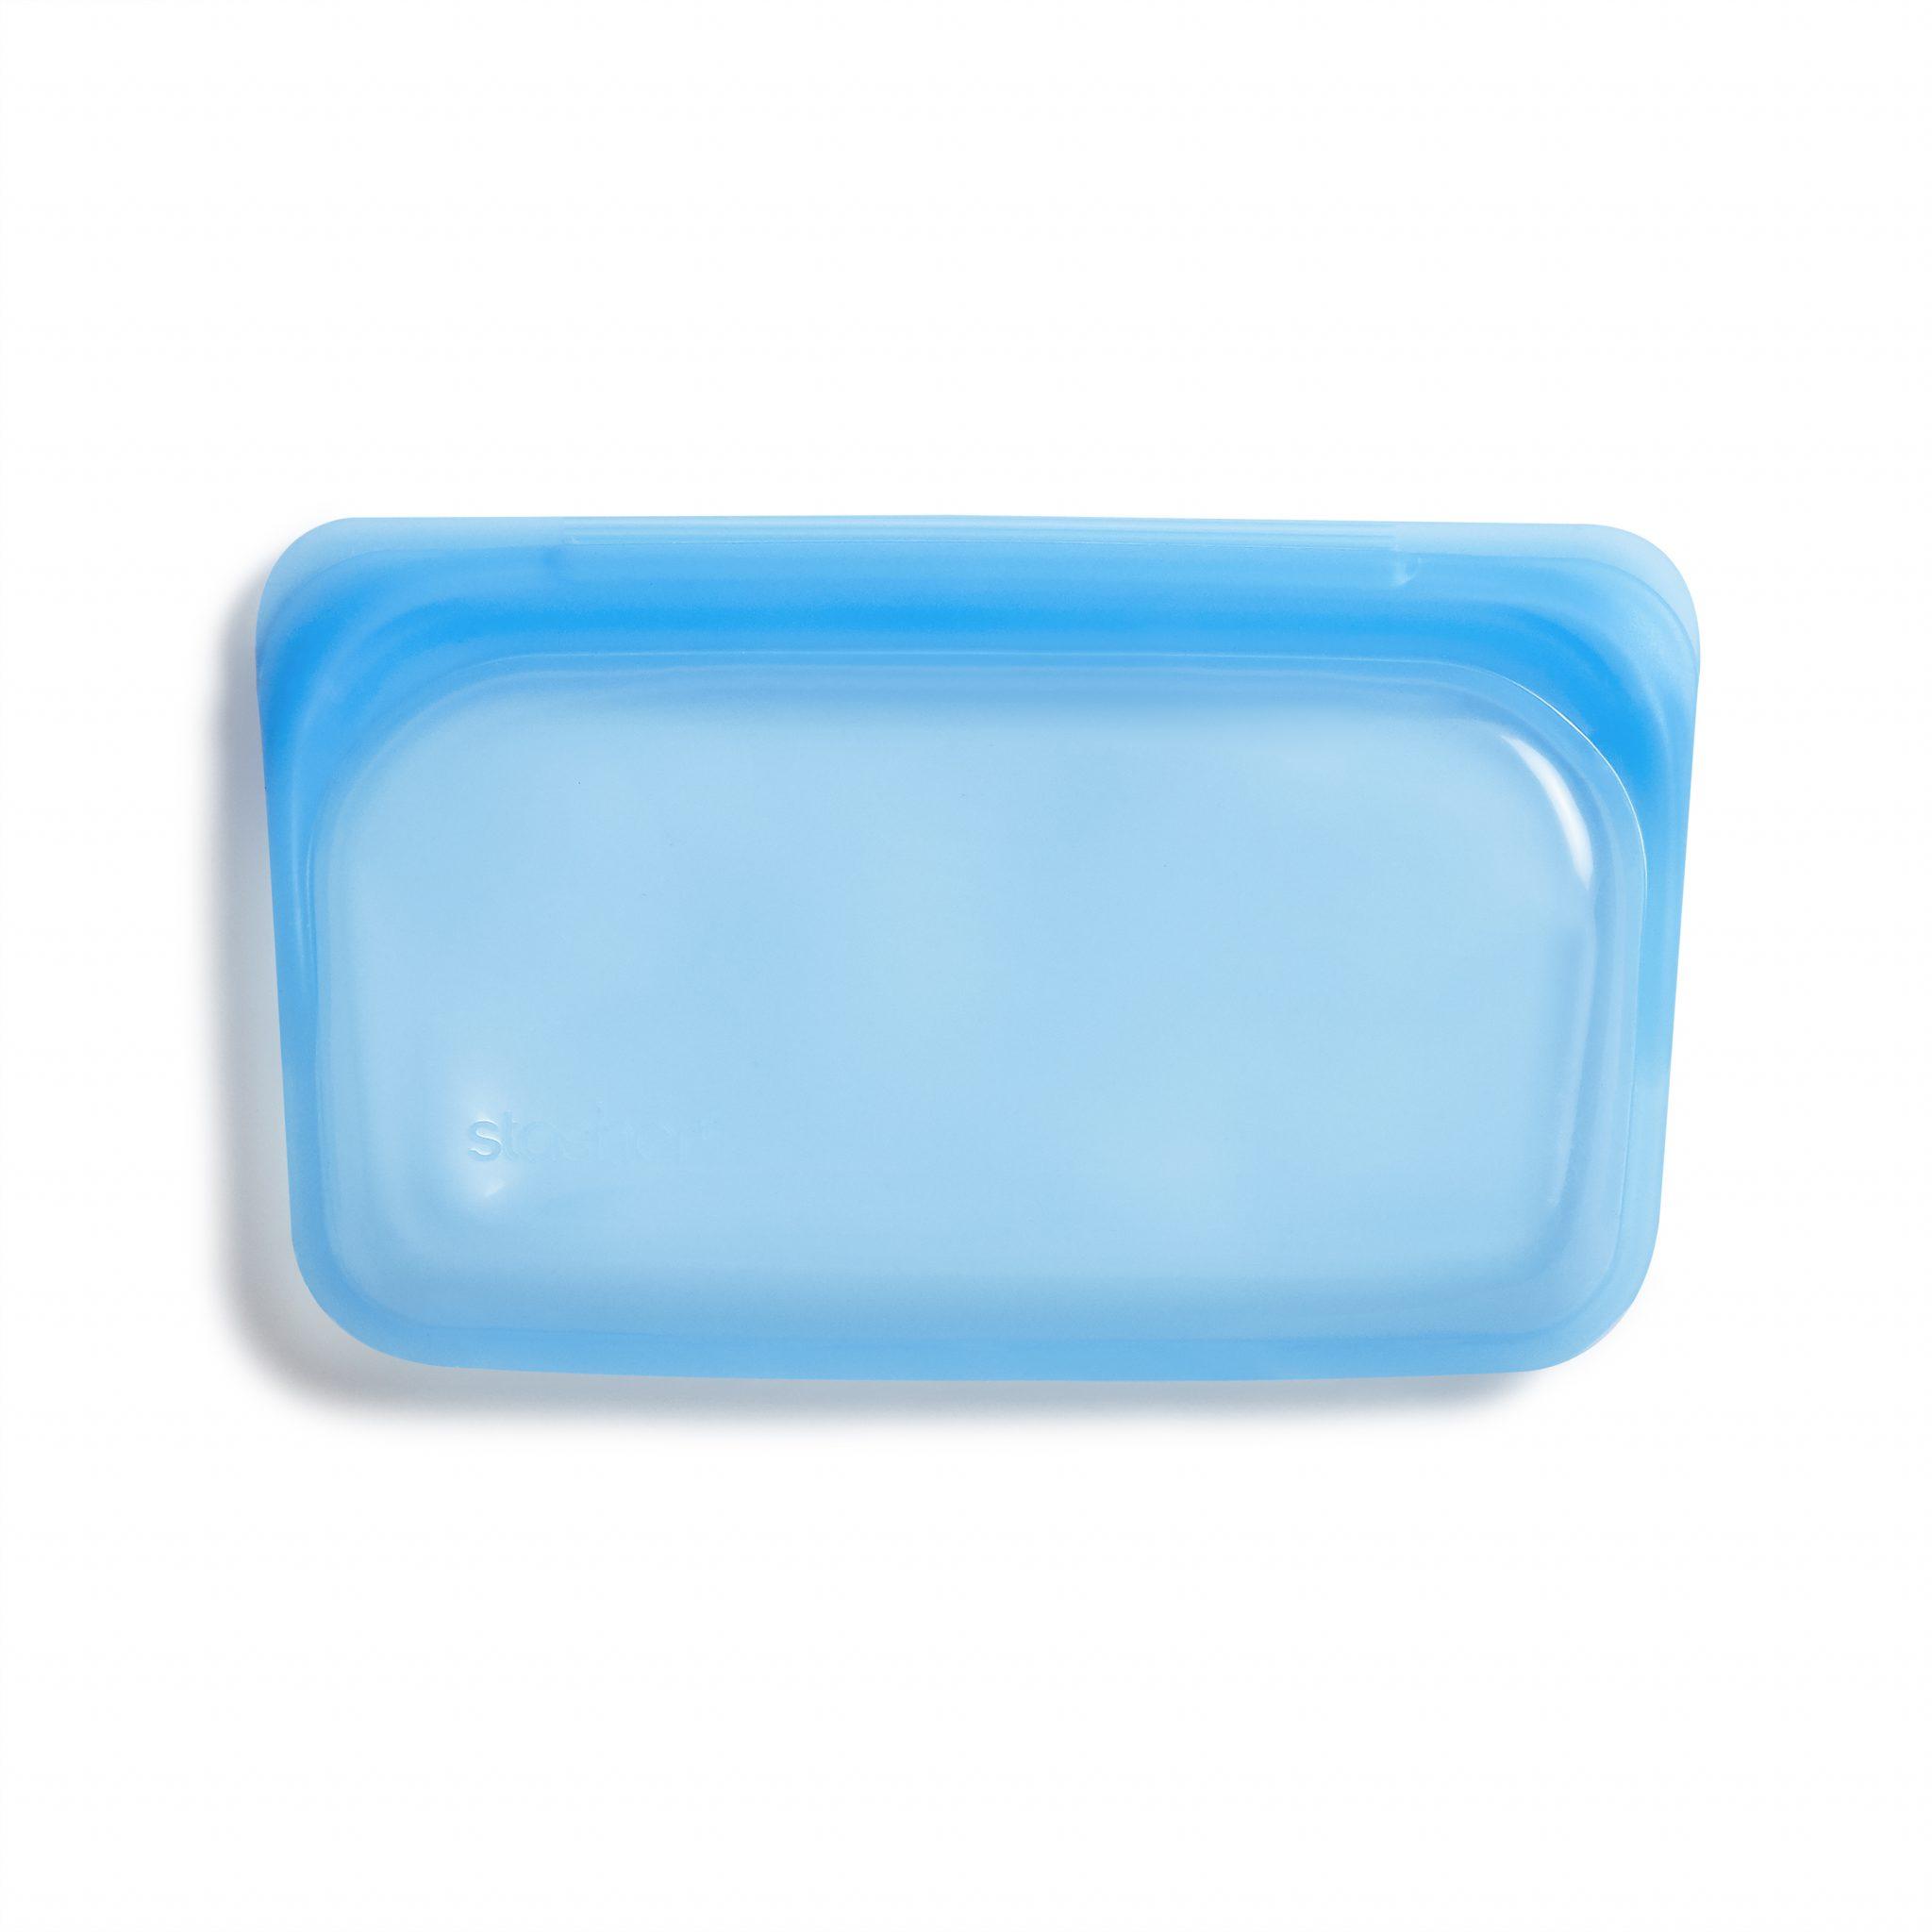 美國 Stasher 矽膠密封袋 長形 藍寶石